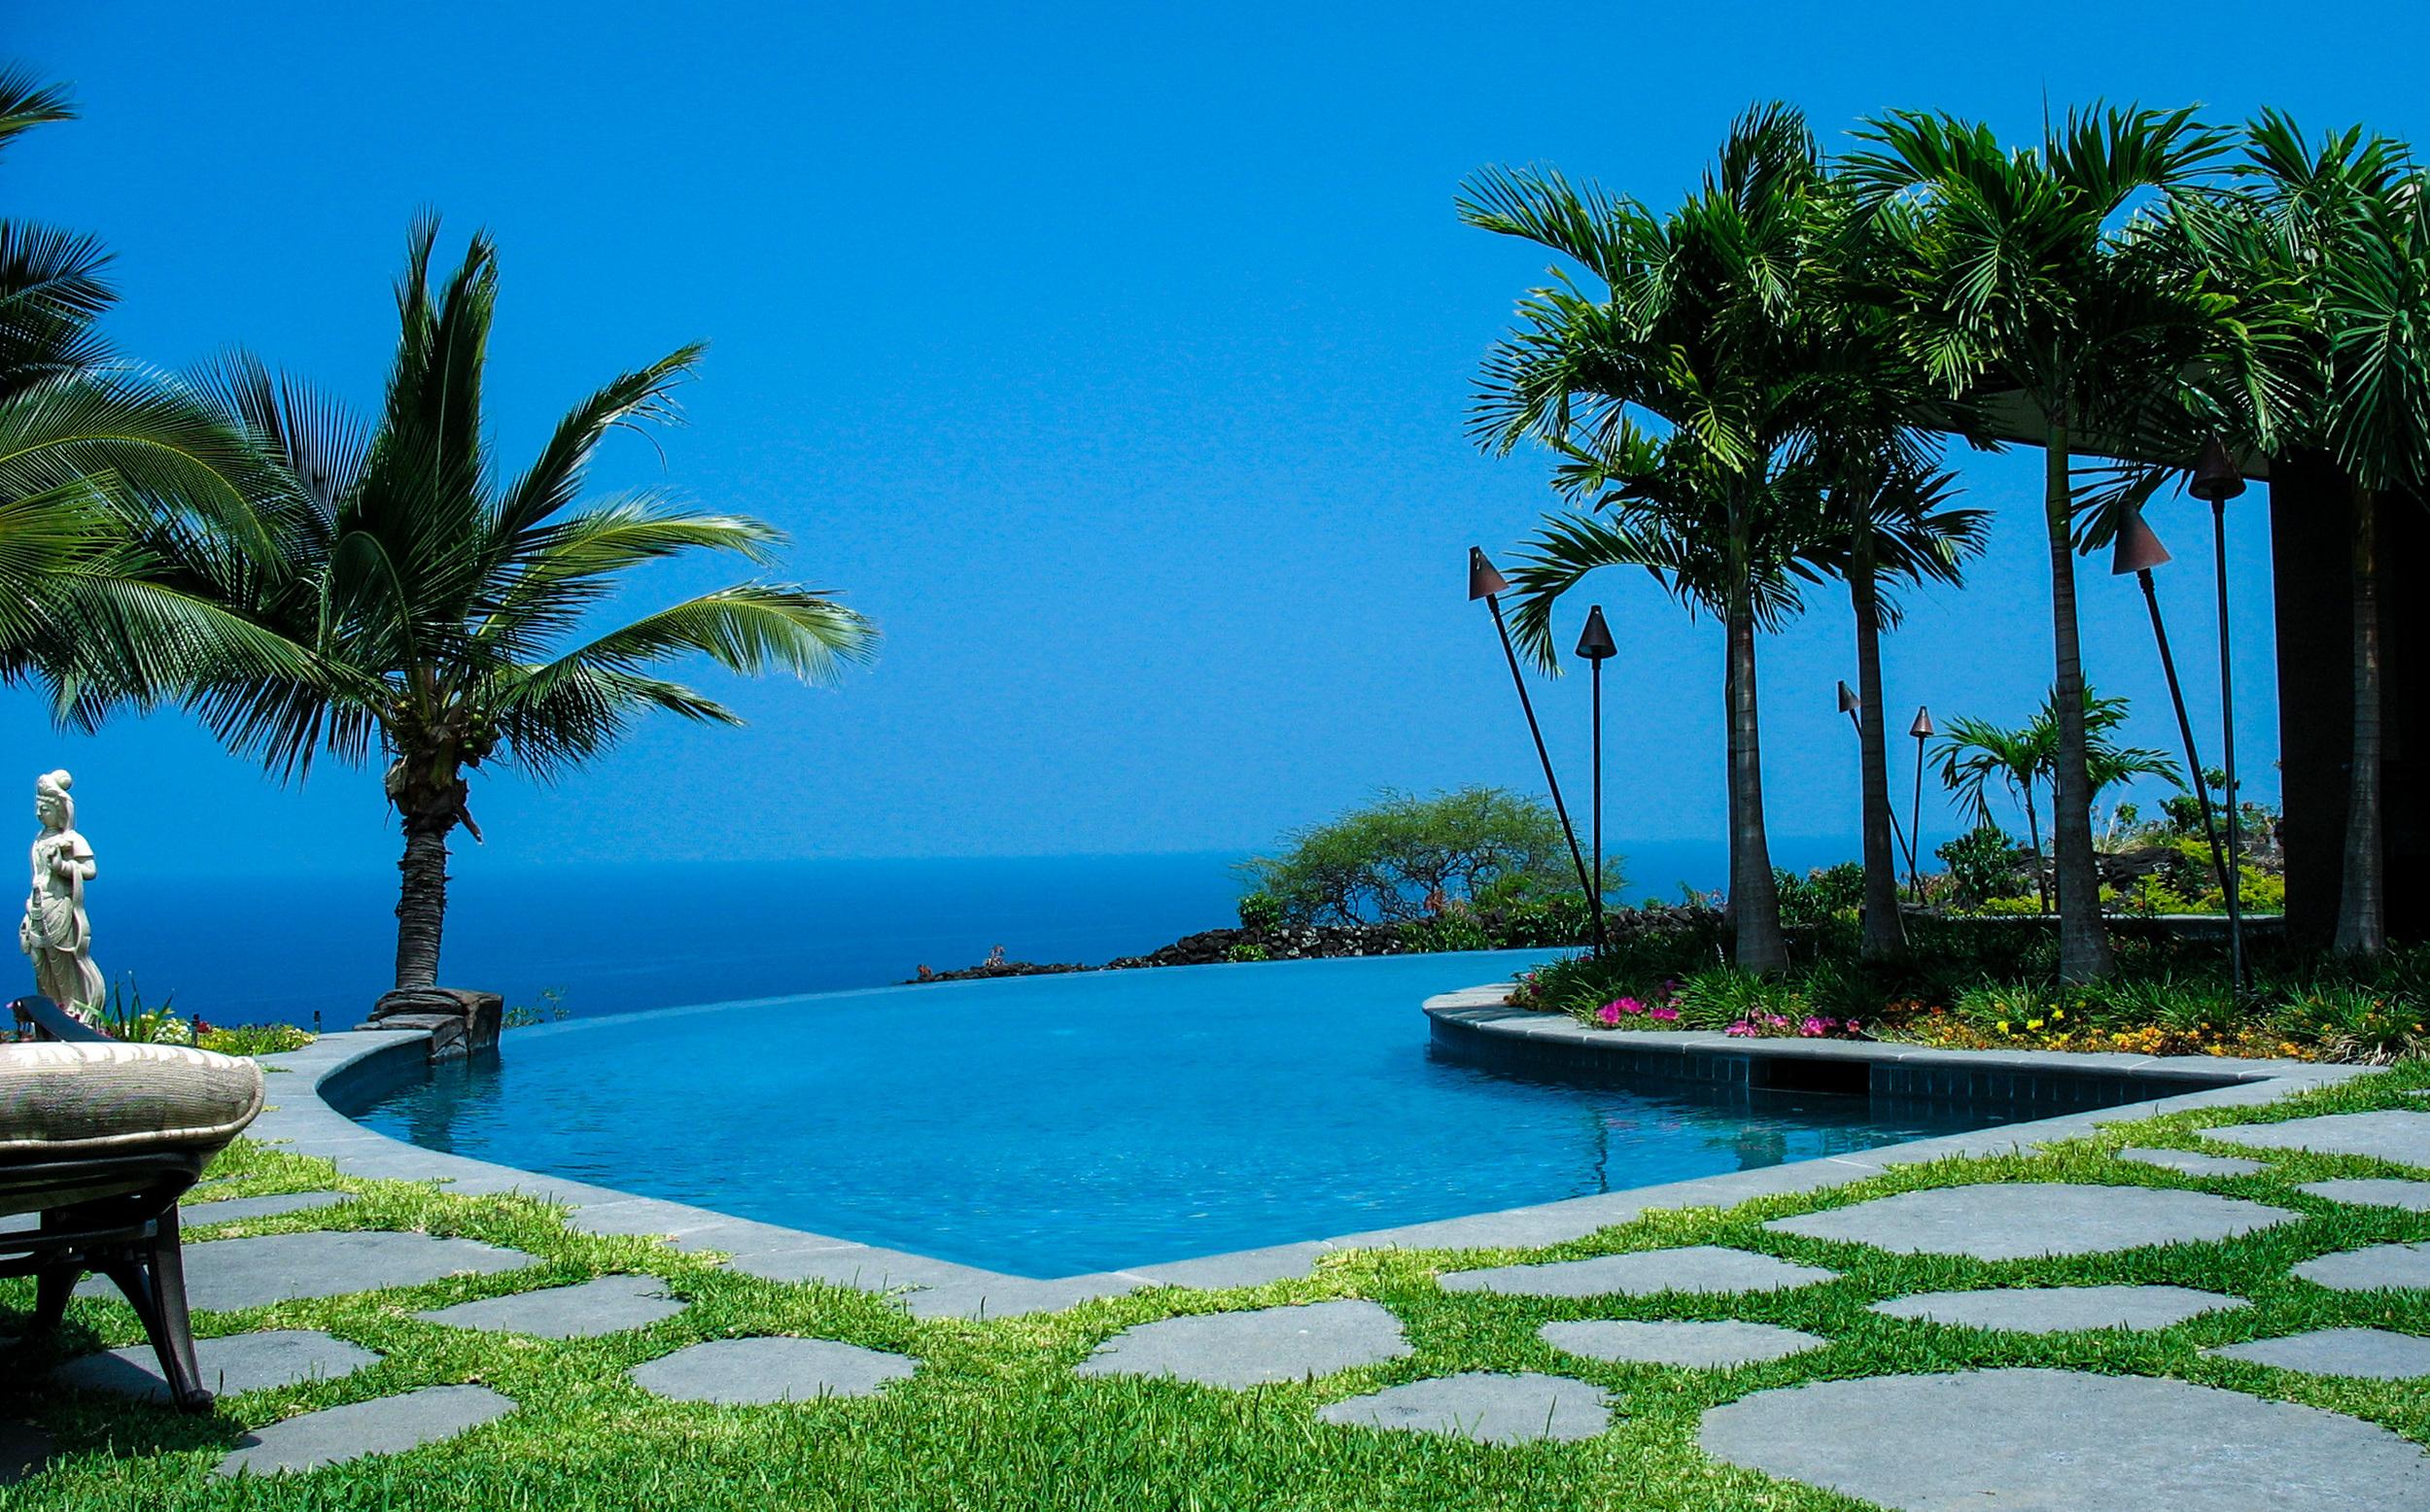 Pool_Bolton Inc_Kona Hawaii 4.jpg